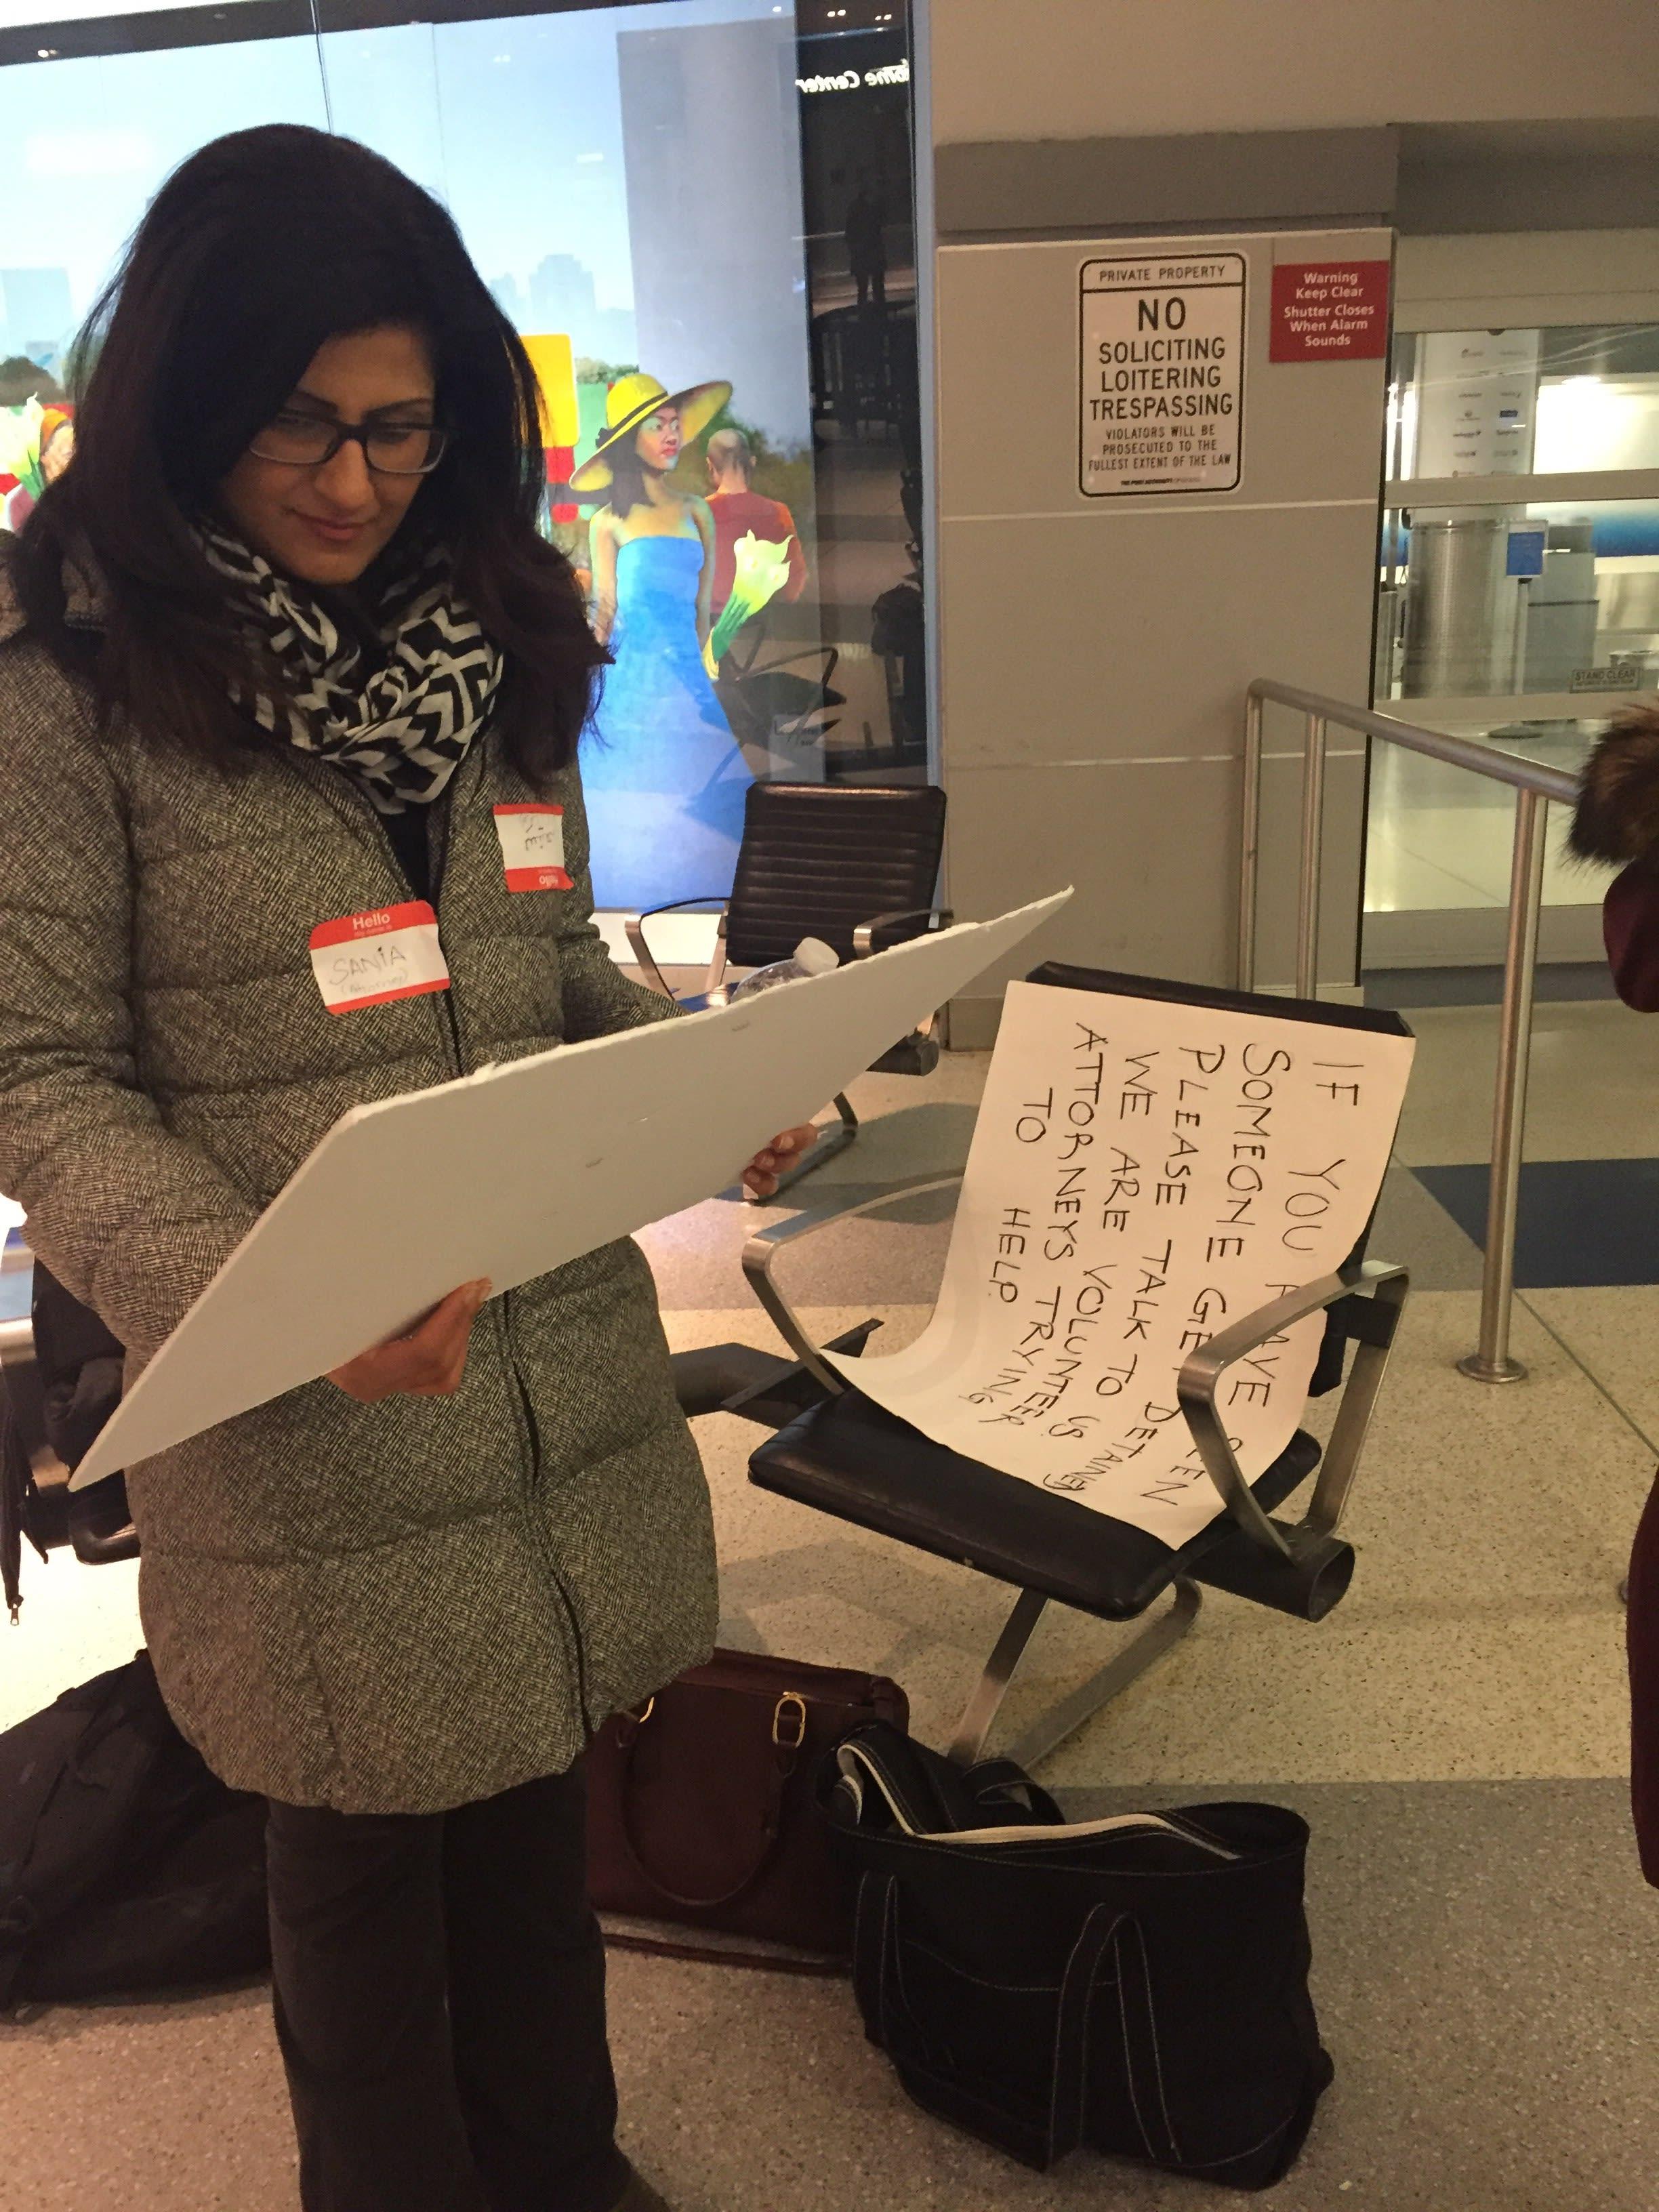 woman reading sign at jfk